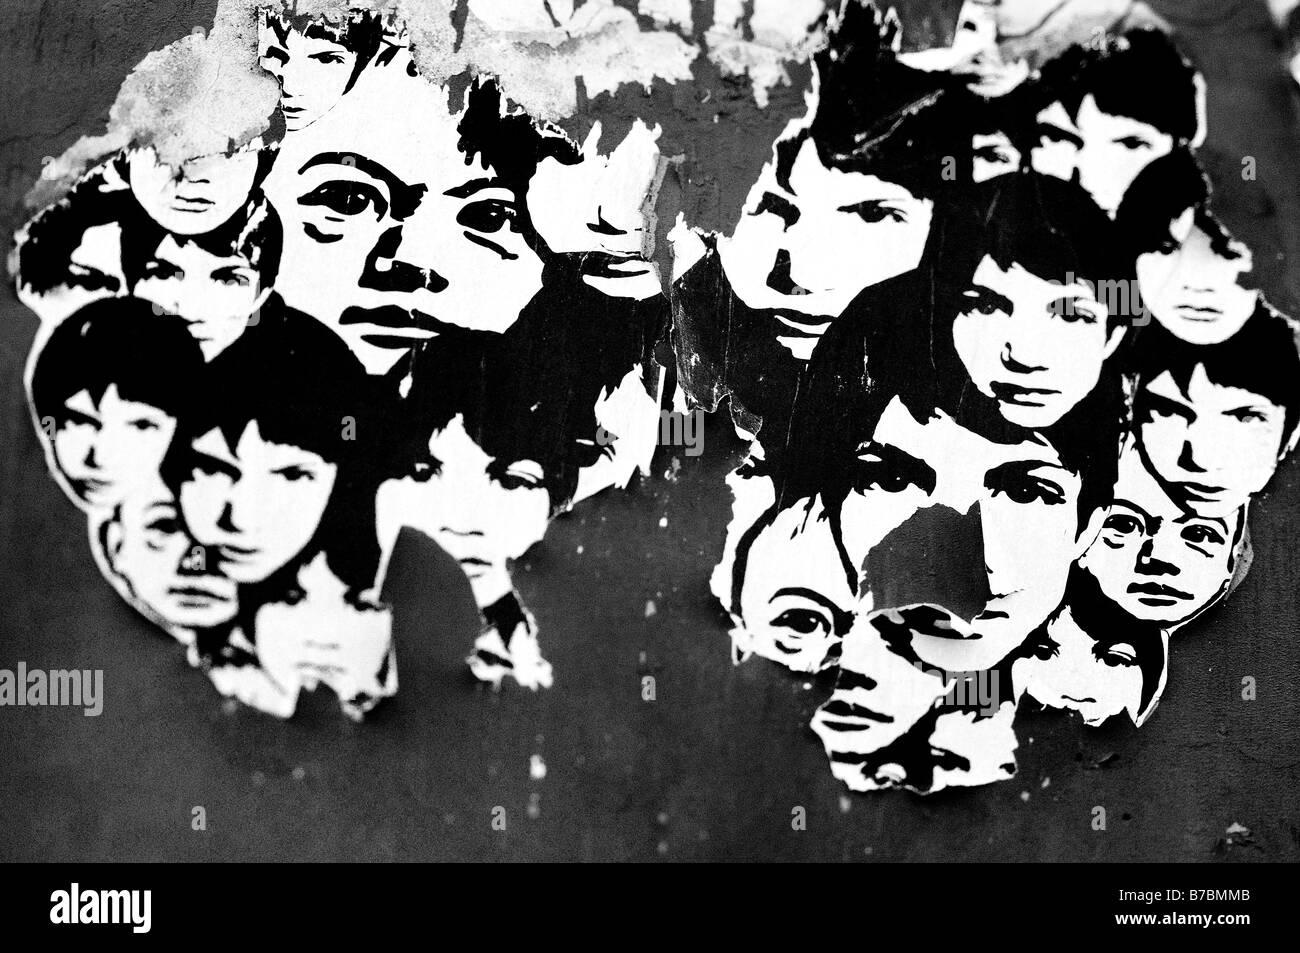 Street art. Children - Stock Image